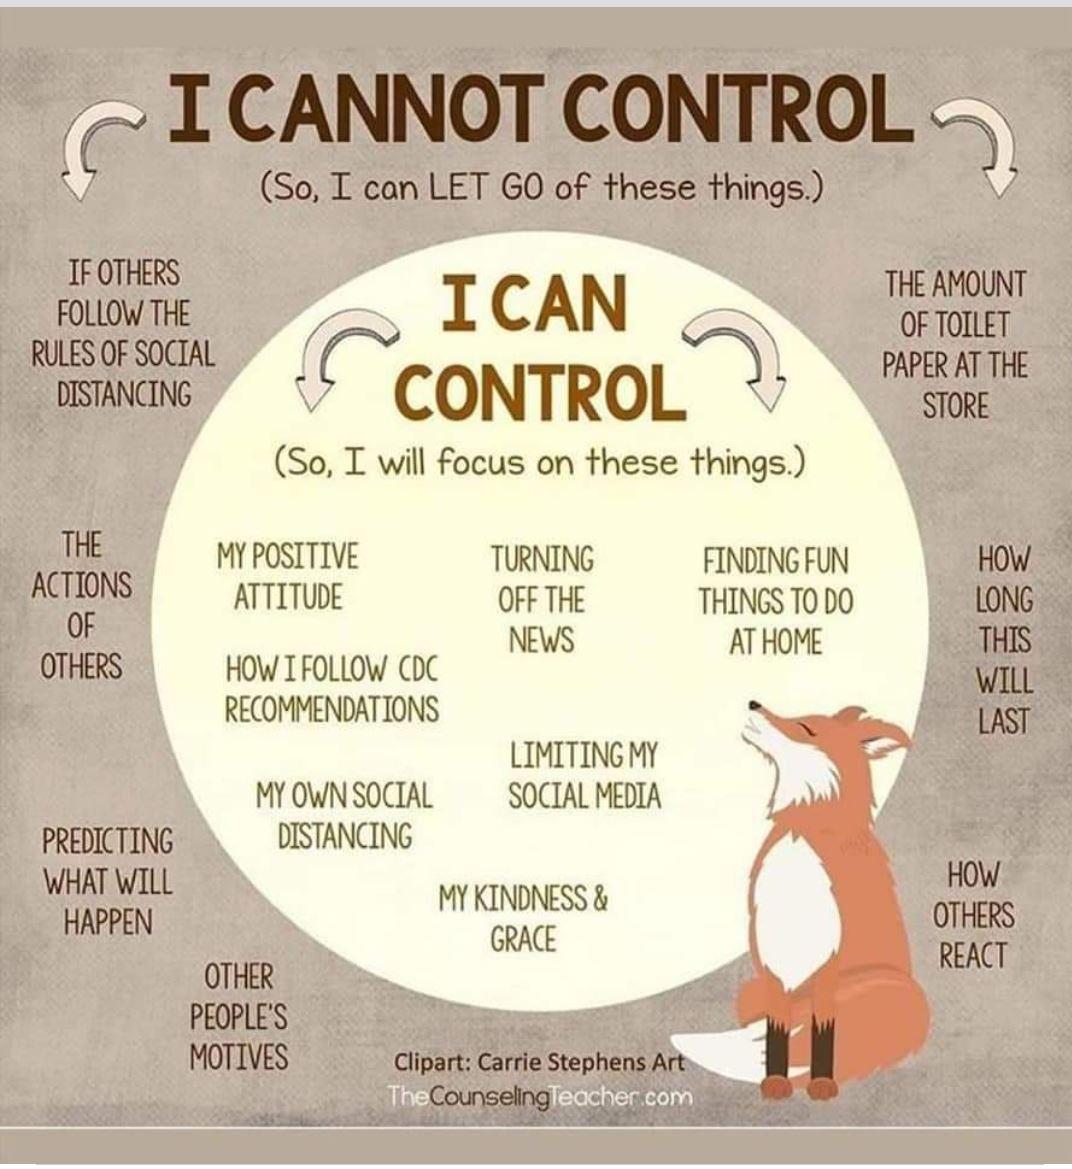 Controls tips